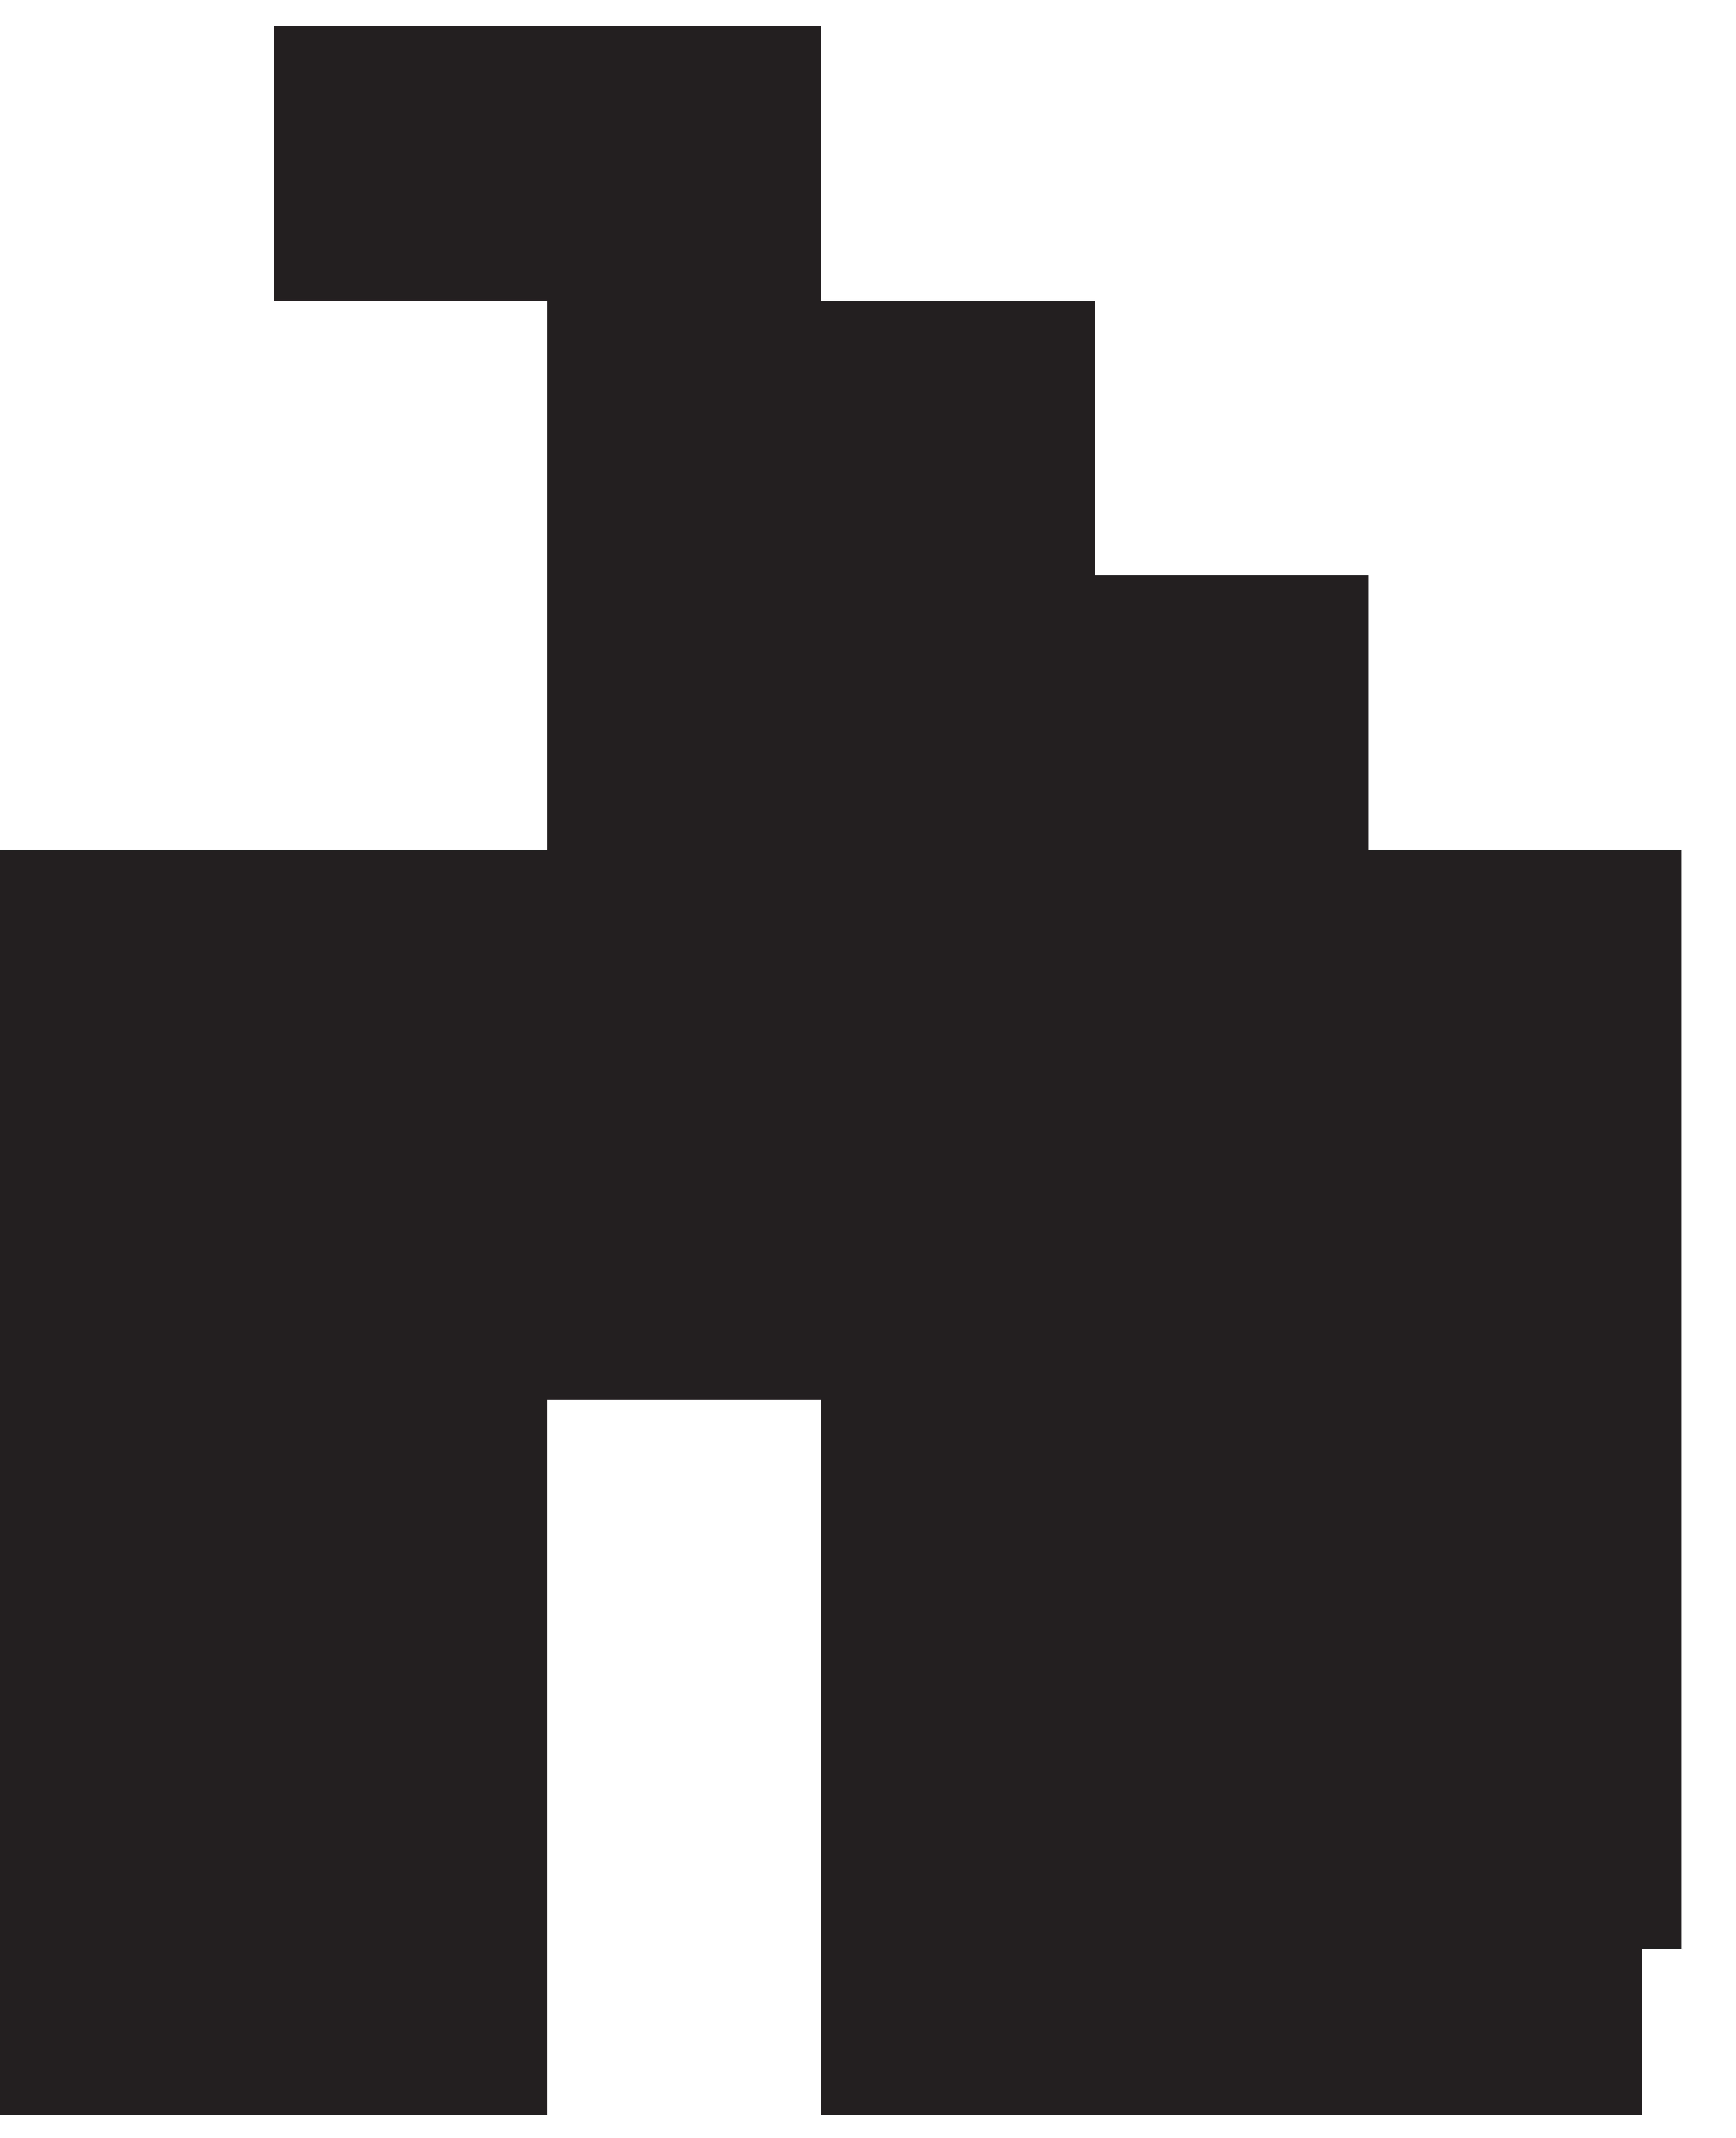 6495x8000 Giraffes Silhouette Png Clip Art Imageu200b Gallery Yopriceville